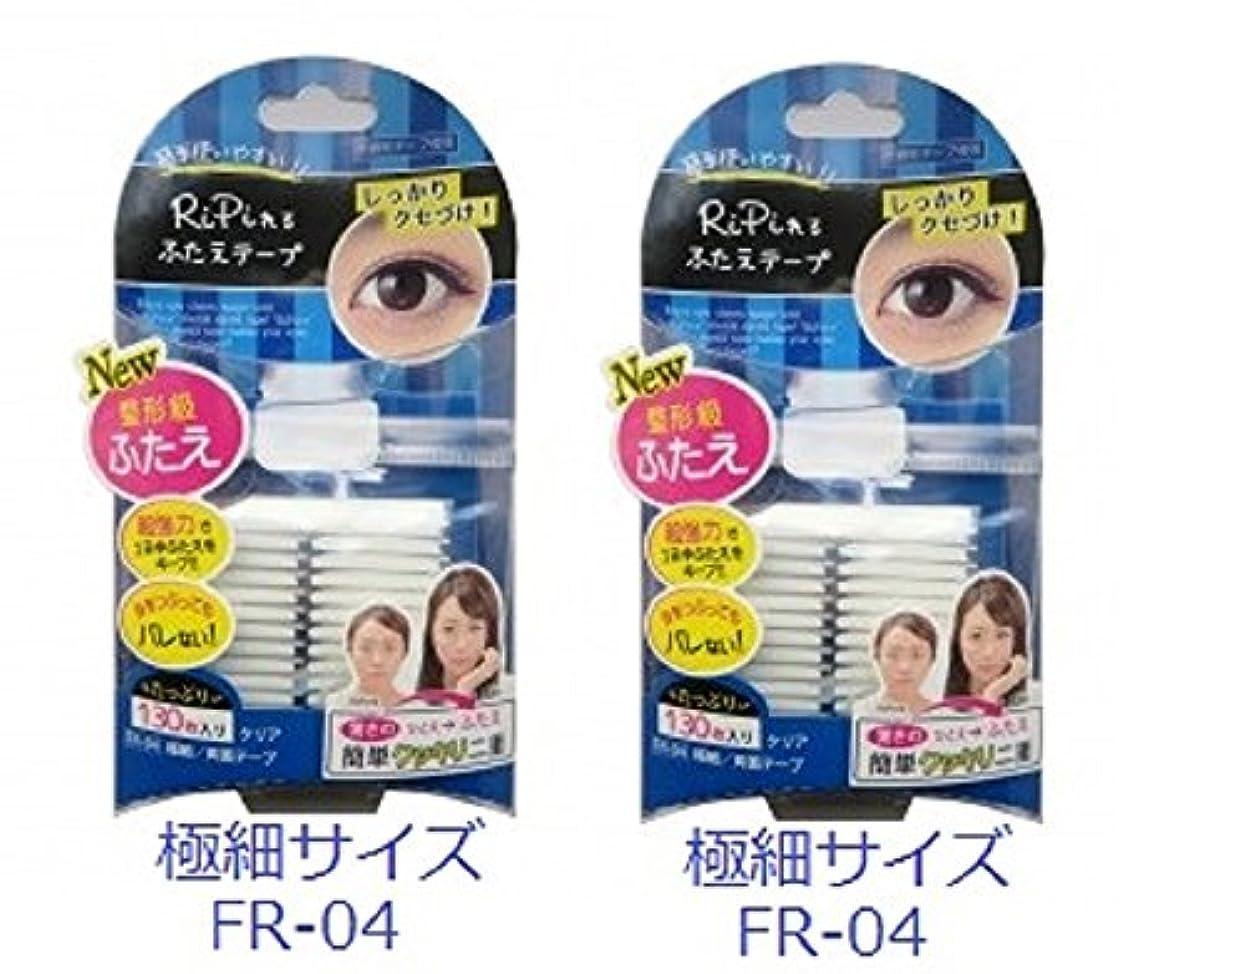 公使館シードカウボーイアネックスジャパン RiPiれるふたえテープ 極細 130枚×2個セット